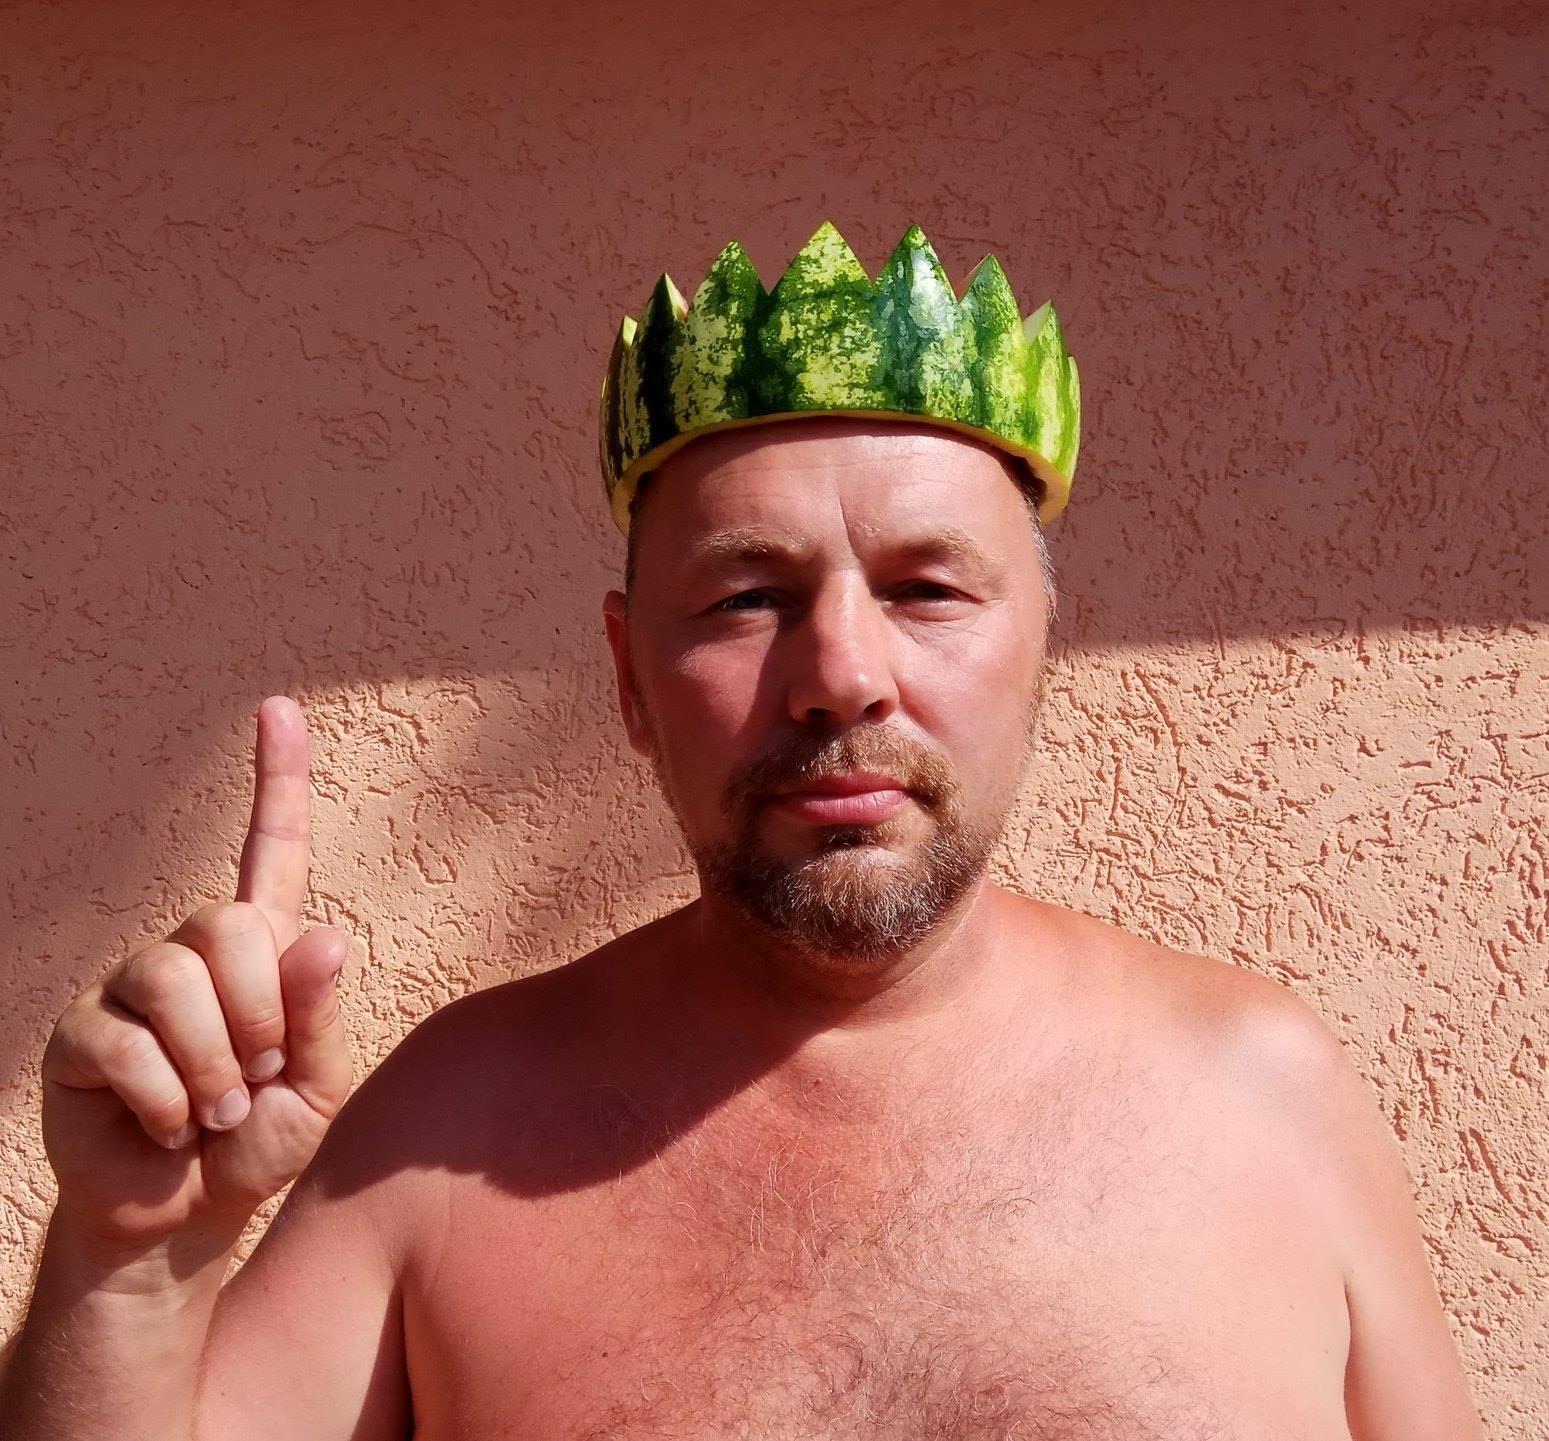 Король мёда арбуза арбузный мед донник травяной чай полезен Крым-трава Санников Алексей